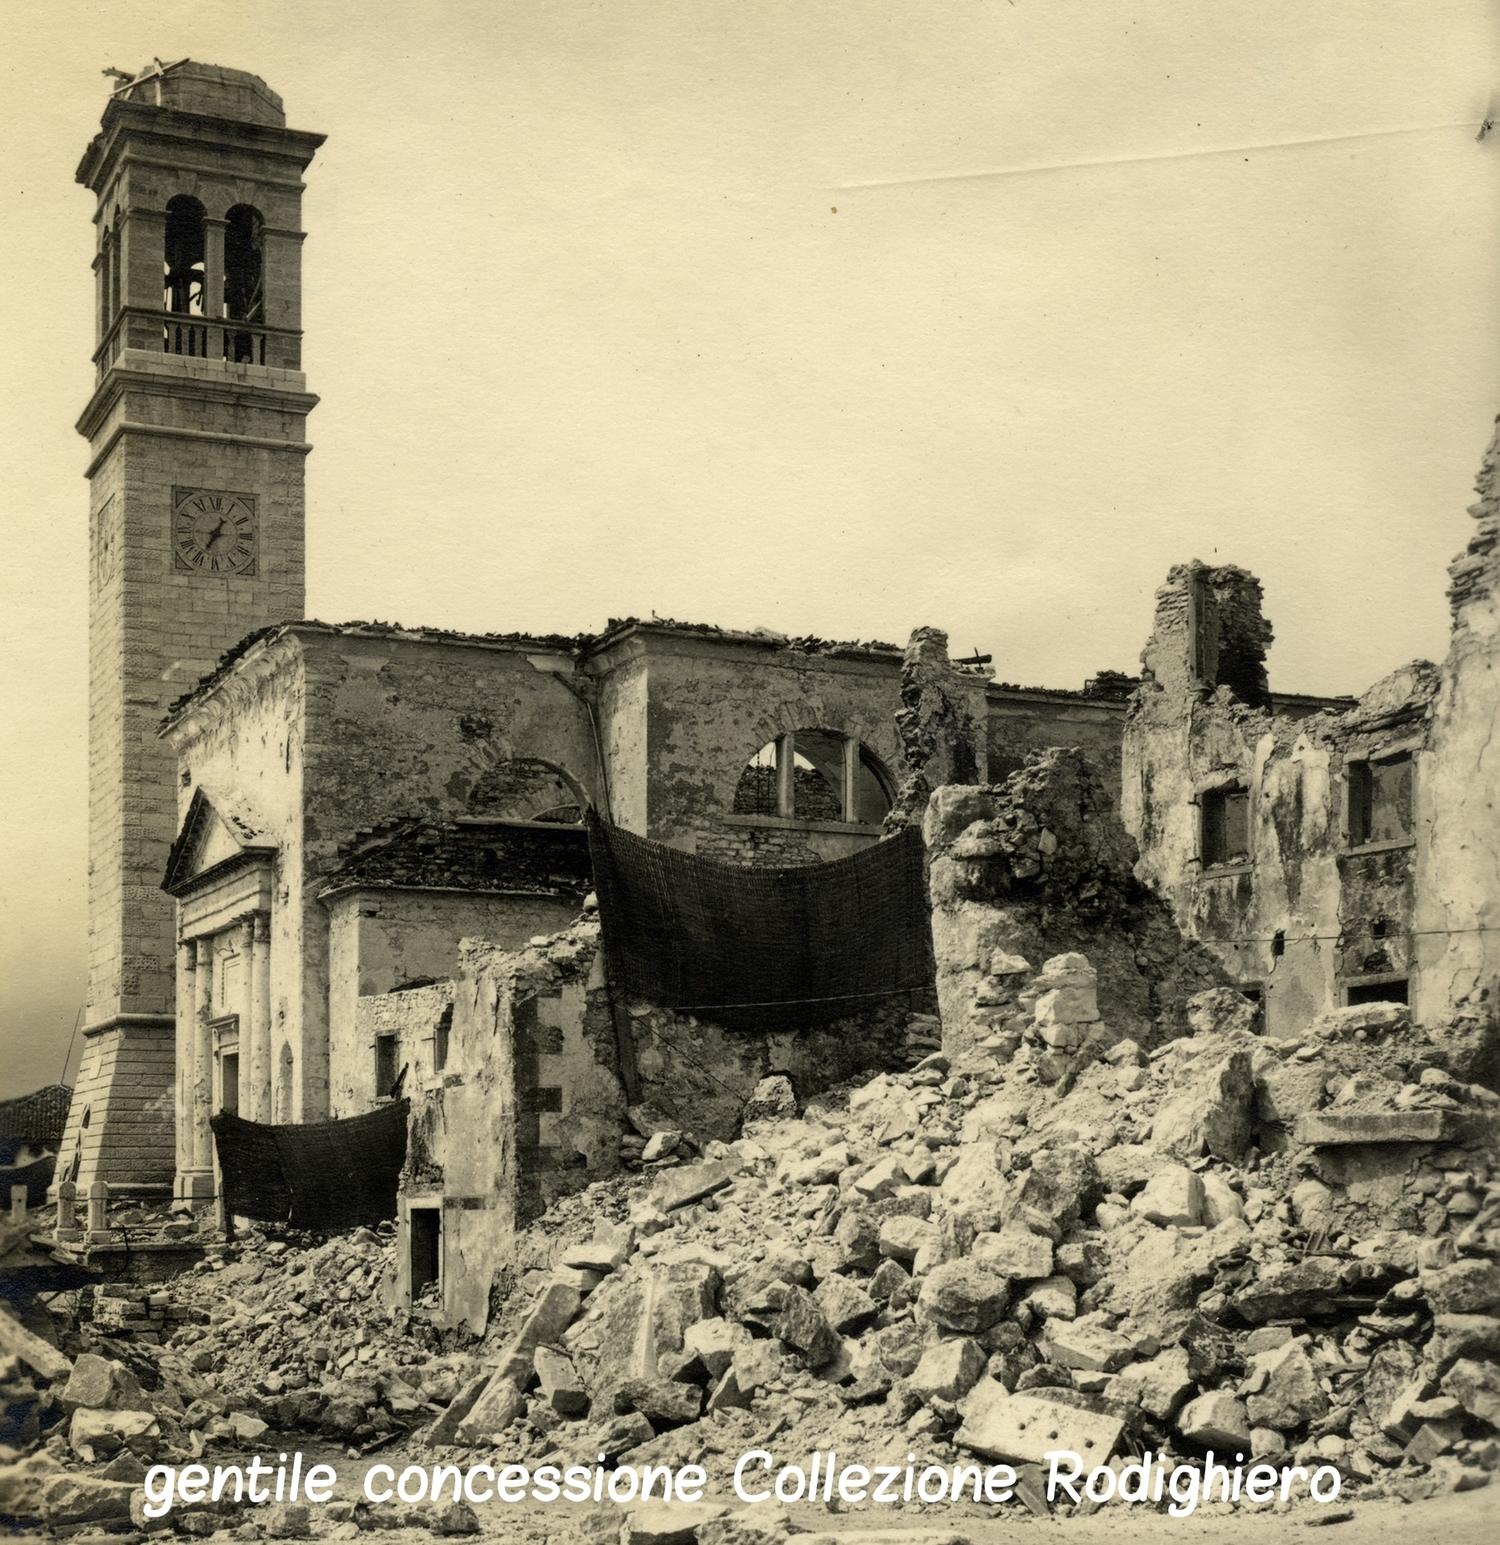 09 - rovine della chiesa di Camporovere (ASDM - coll rodighiero) (c).jpg